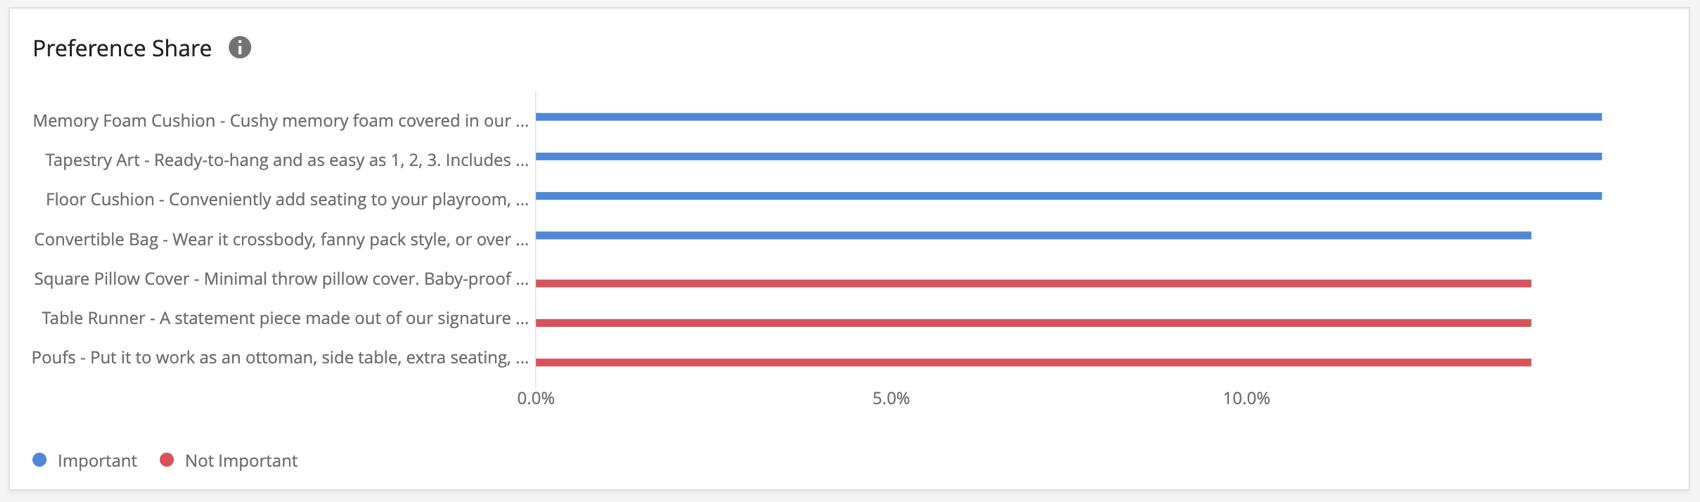 Preference Share widget